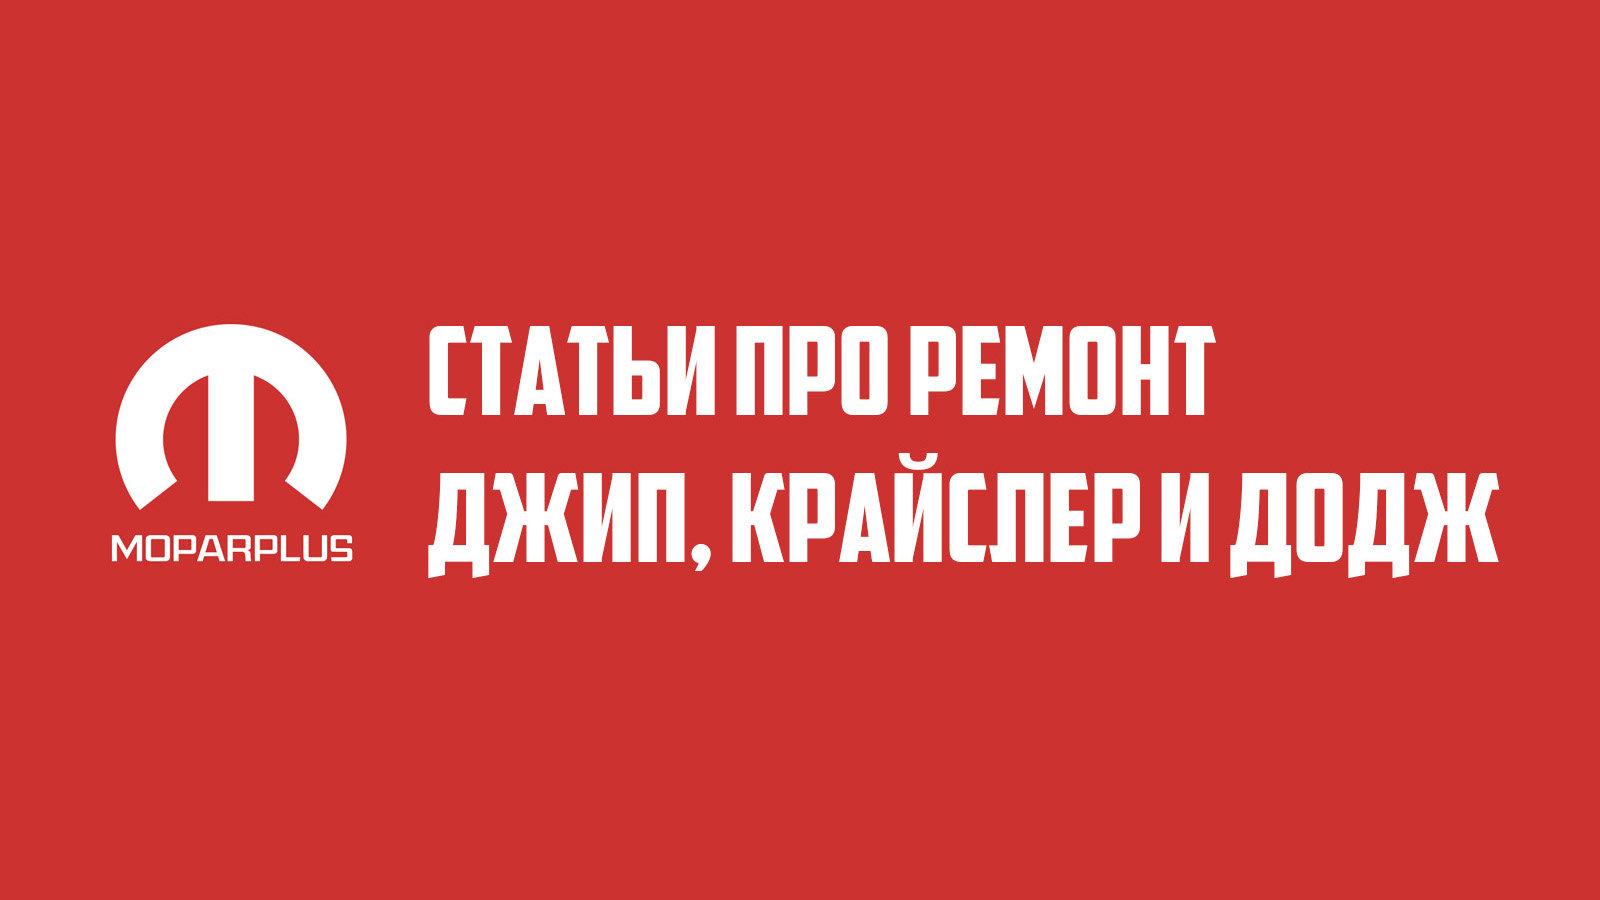 Статьи про ремонт. Выпуск №63.